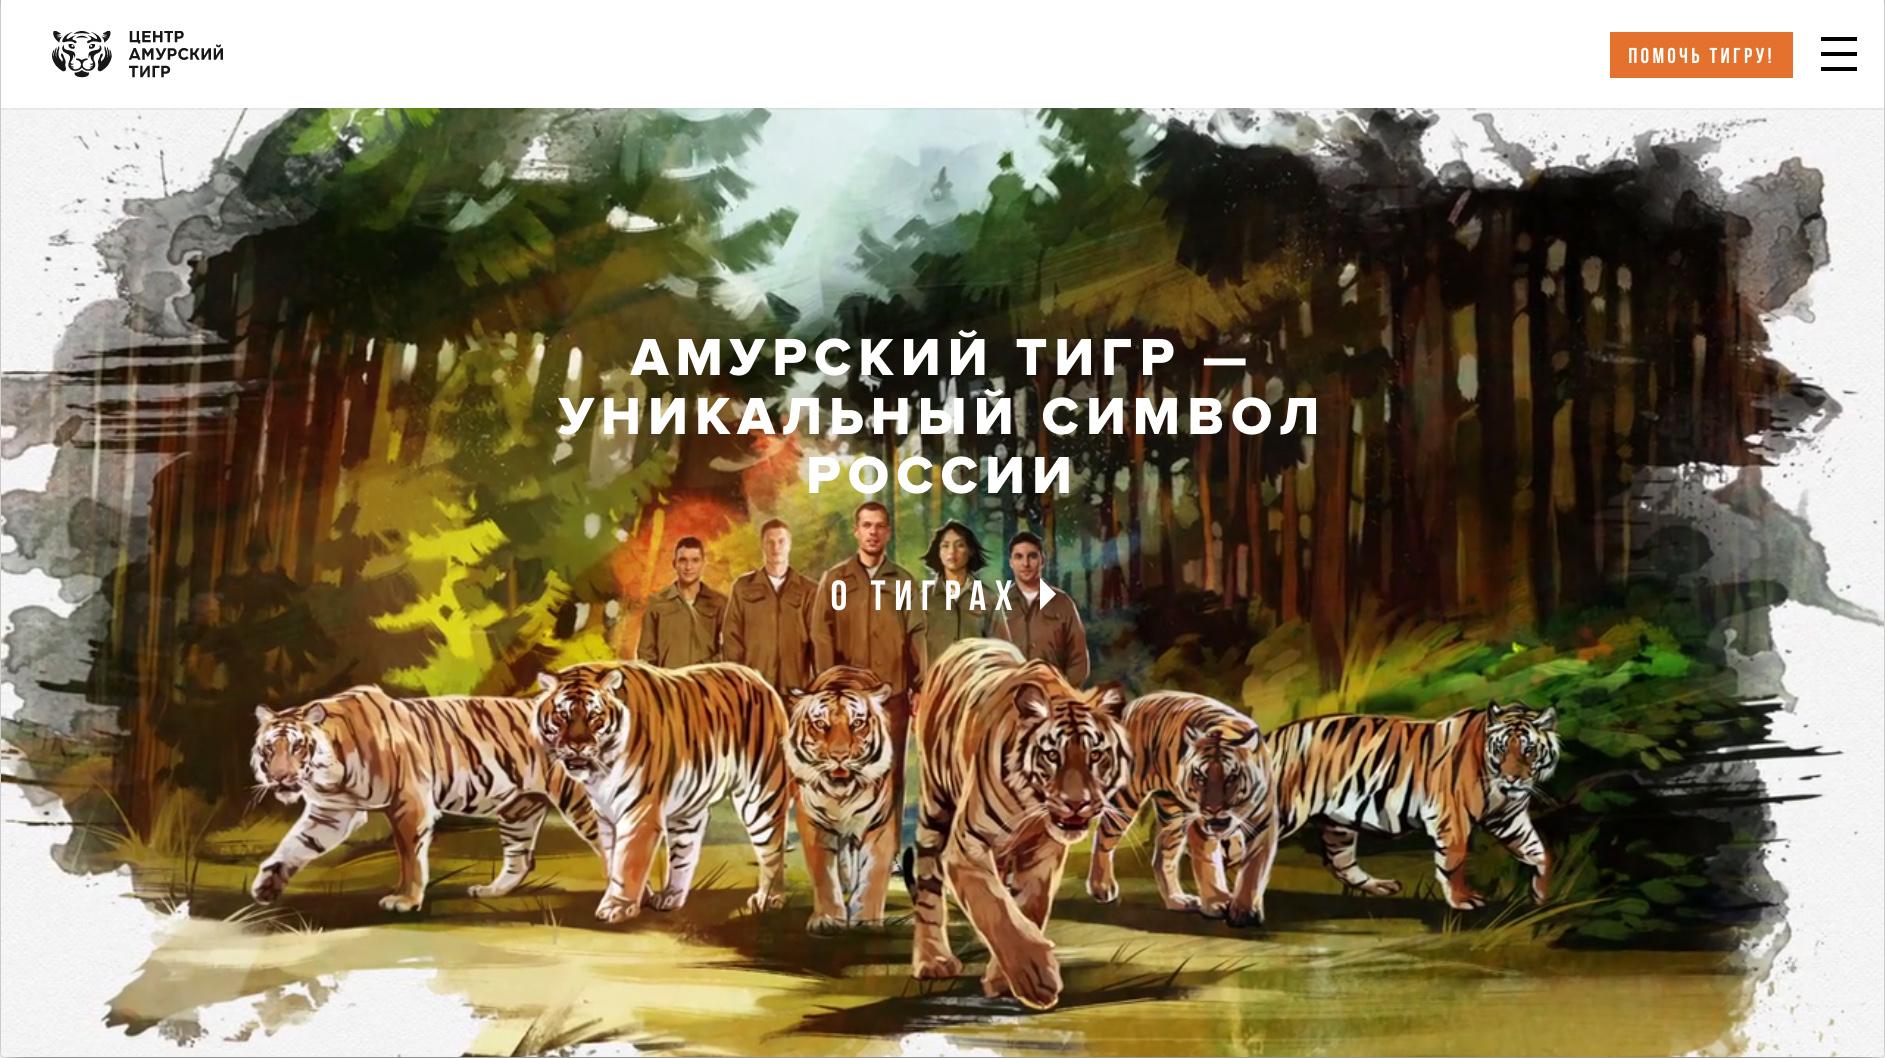 Амурский тигр центр платиновые монеты купить